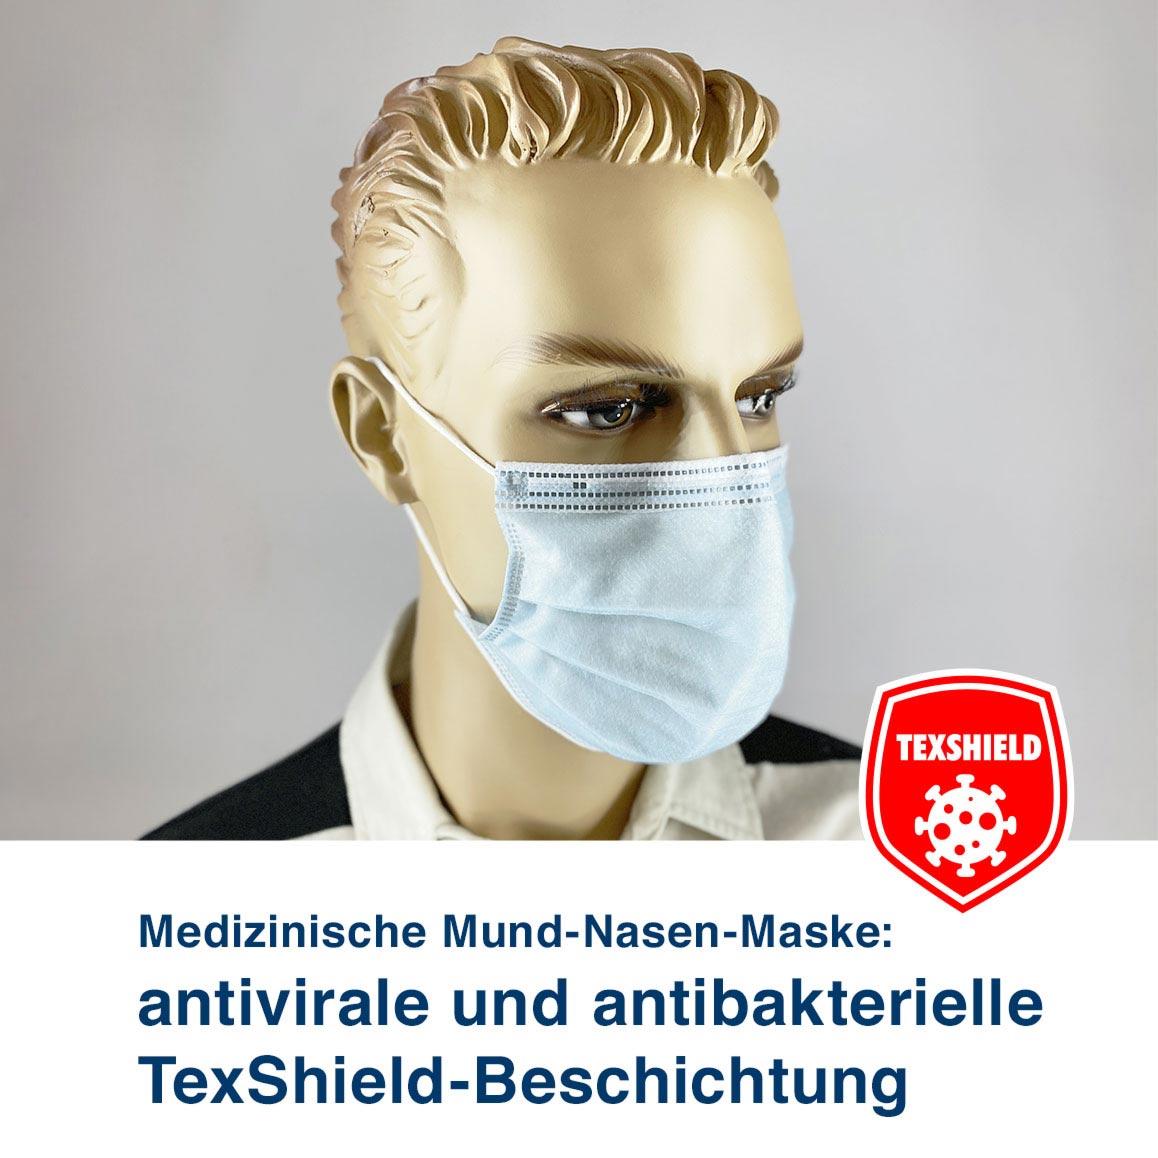 Medizinische Mund-Nasen-Maske:  antivirale und antibakterielle  TexShield-Beschichtung